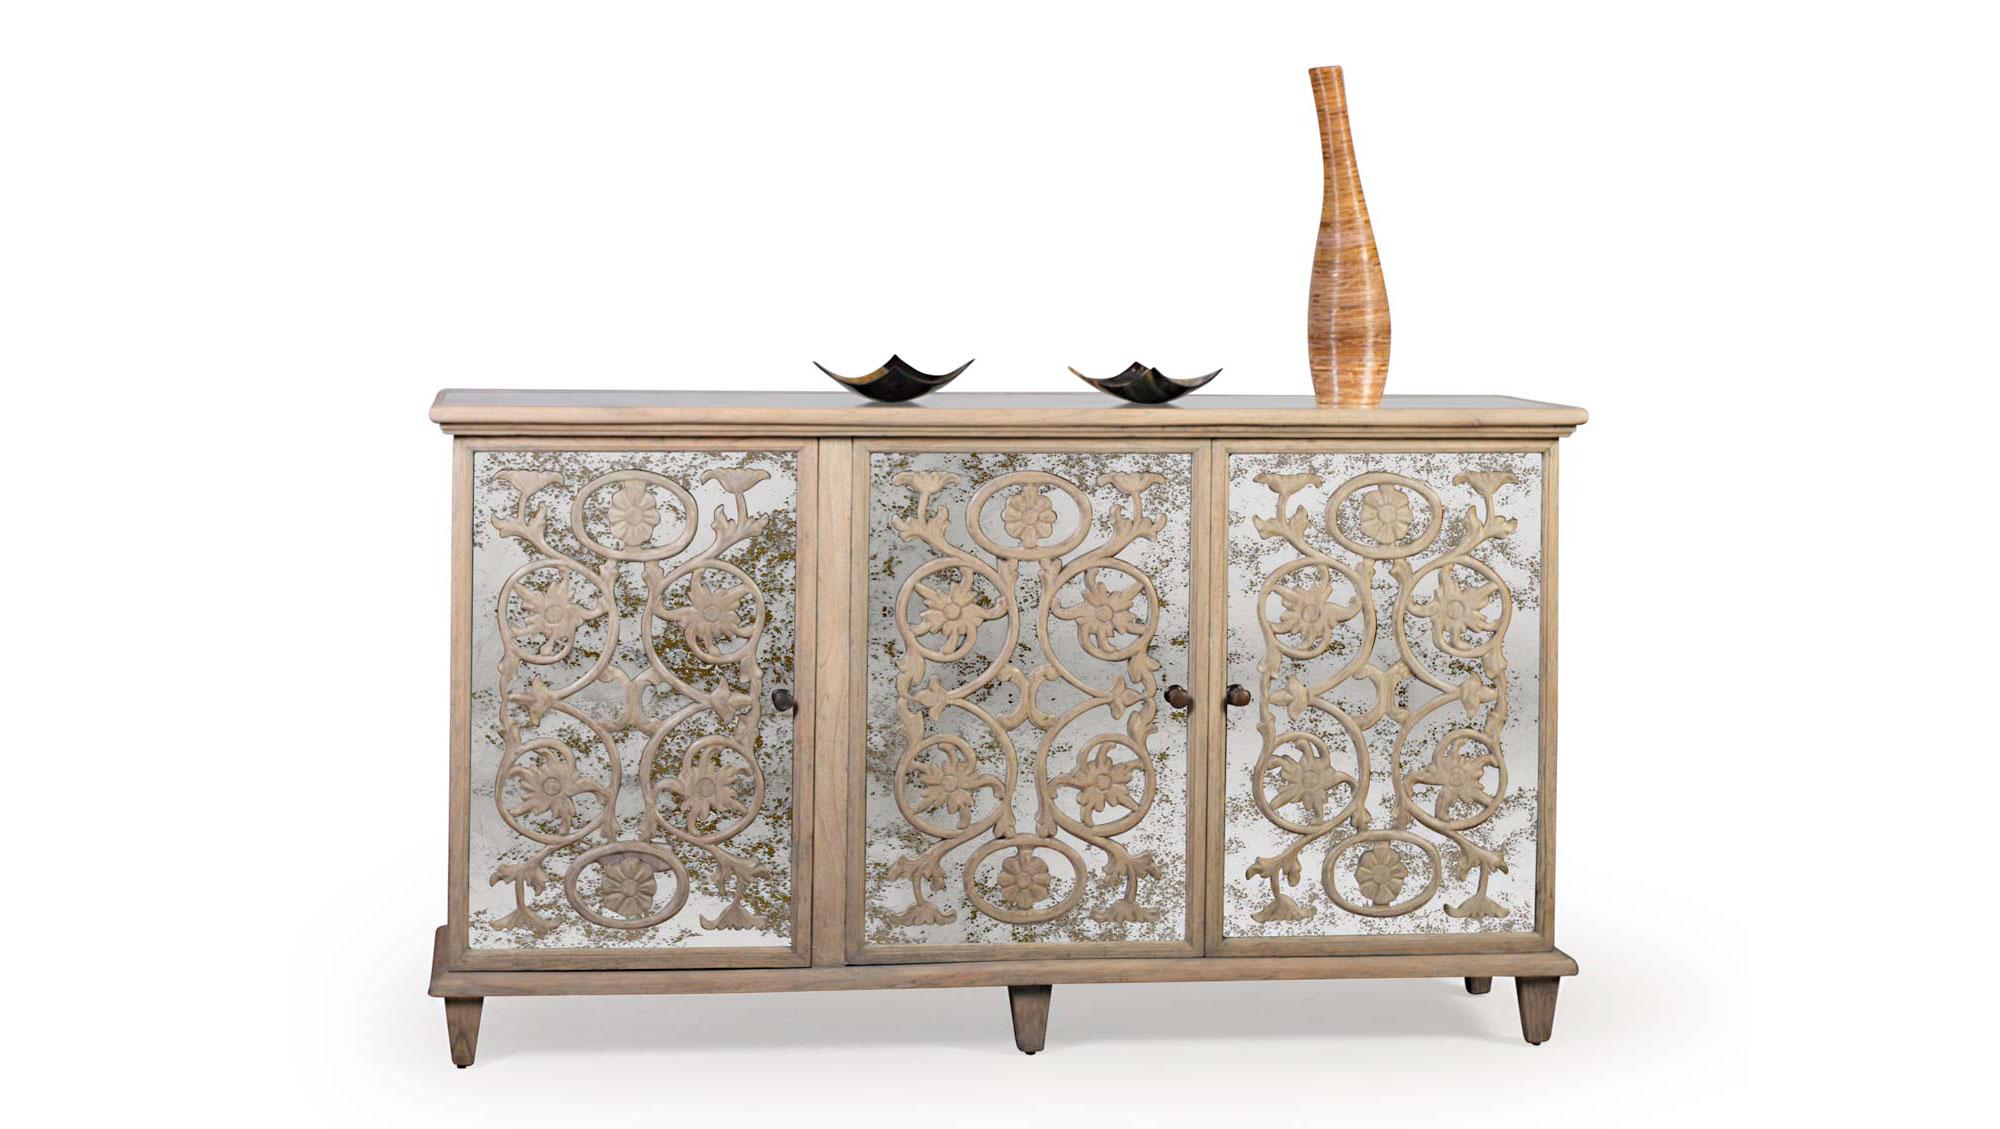 Aparador 3 puertas muset vintage artisan en for Artisan muebles